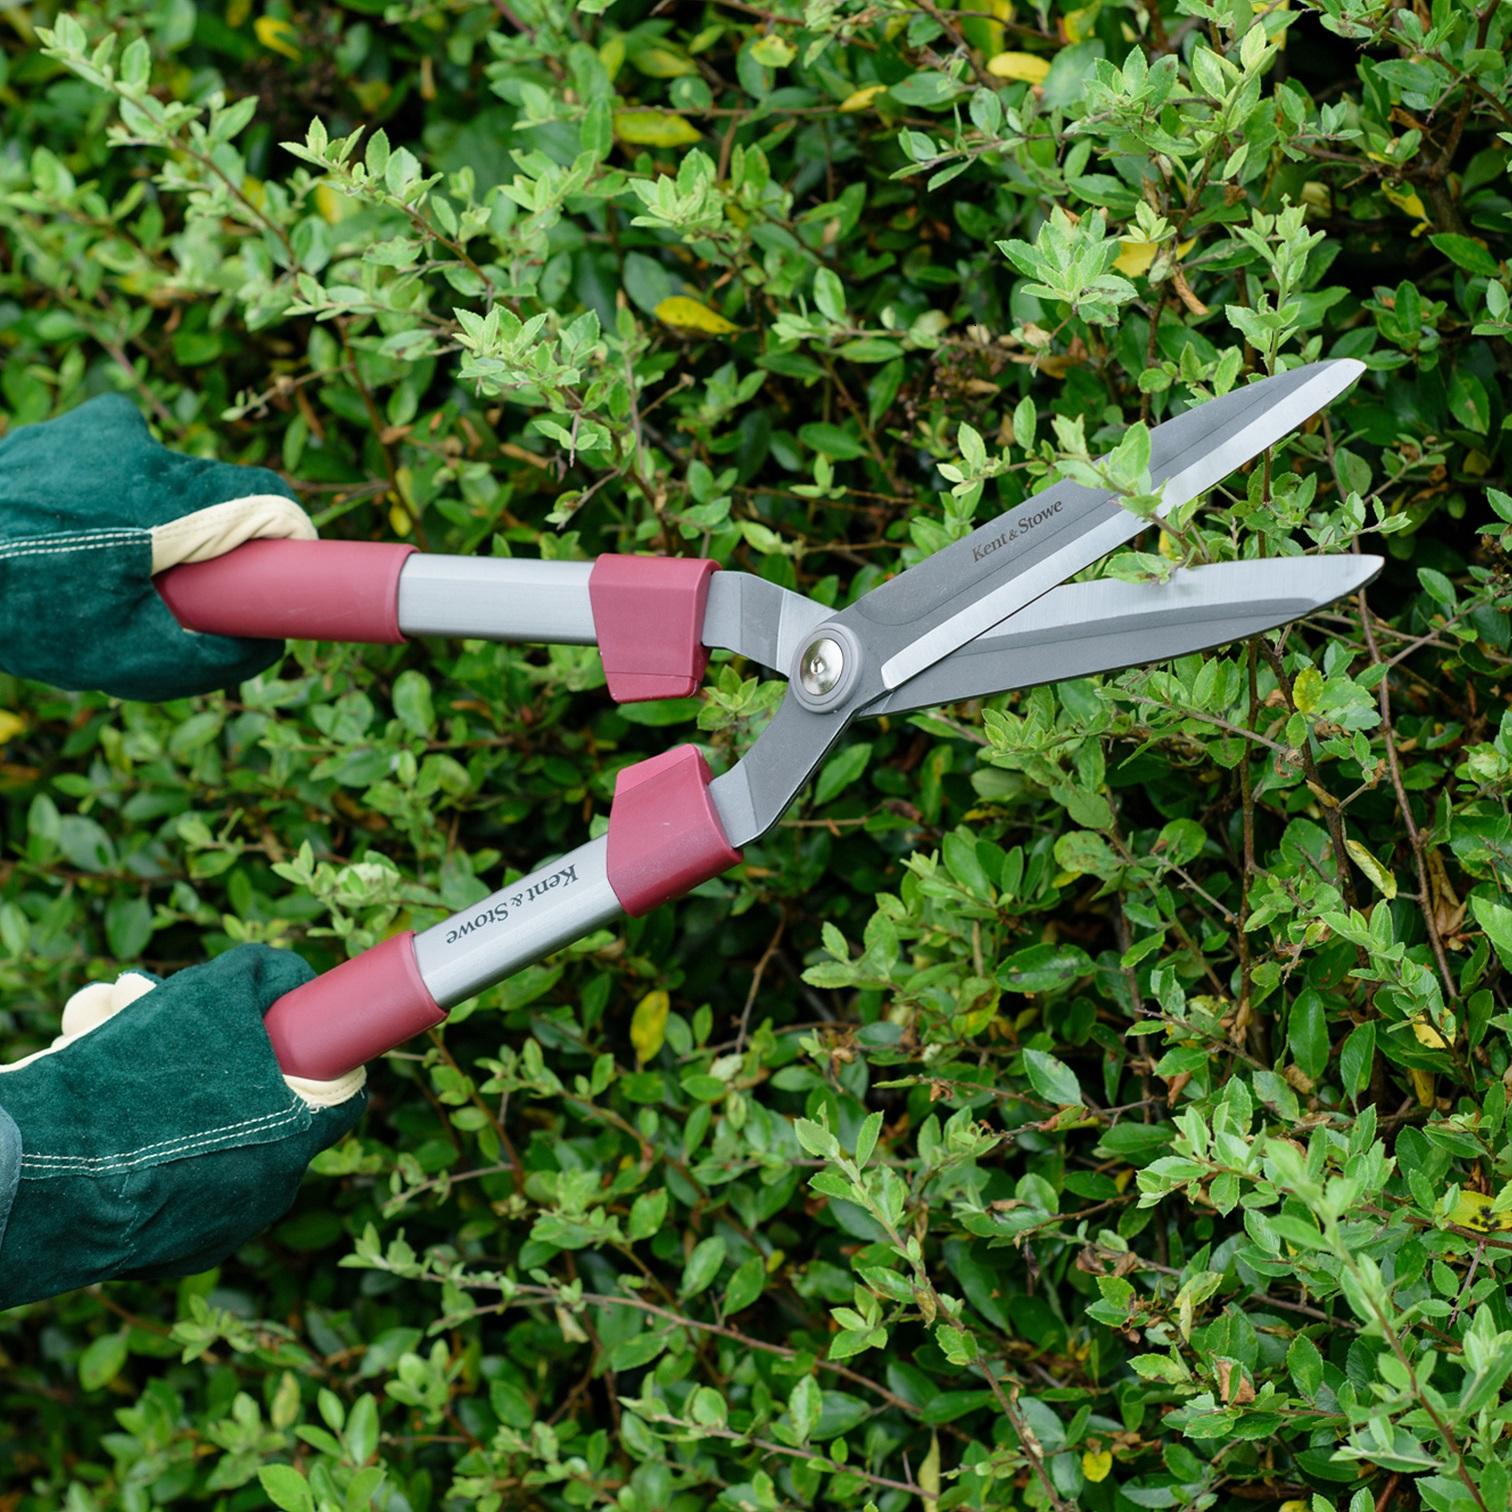 【在庫限り】K&S 大型剪定ばさみ Fixed Handle Hedge Shears